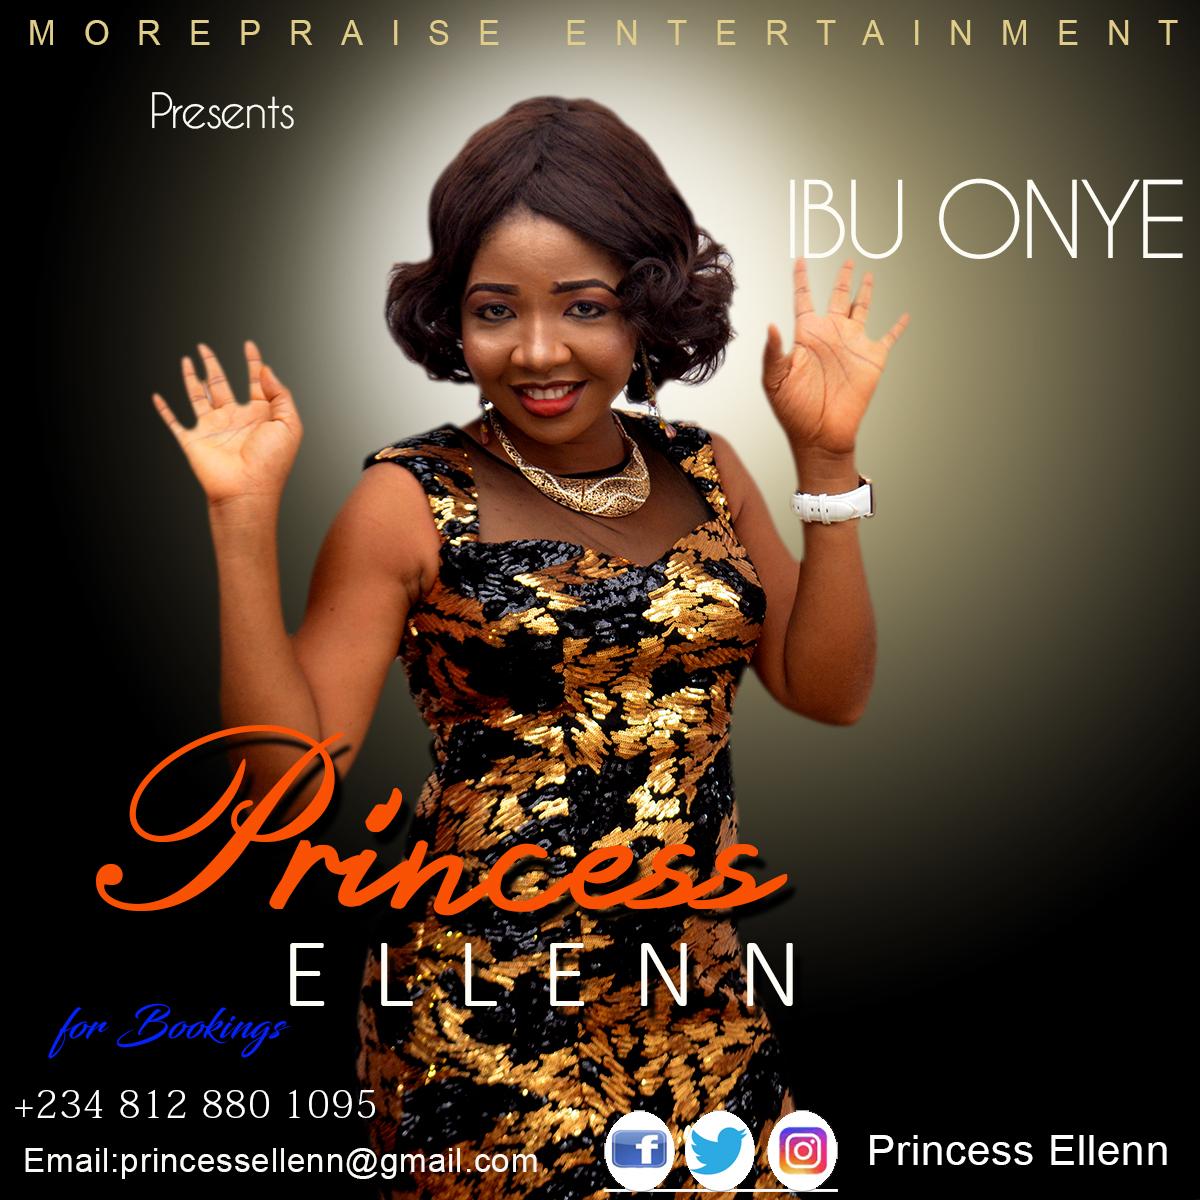 Princess Ellenn - Ibu Onye